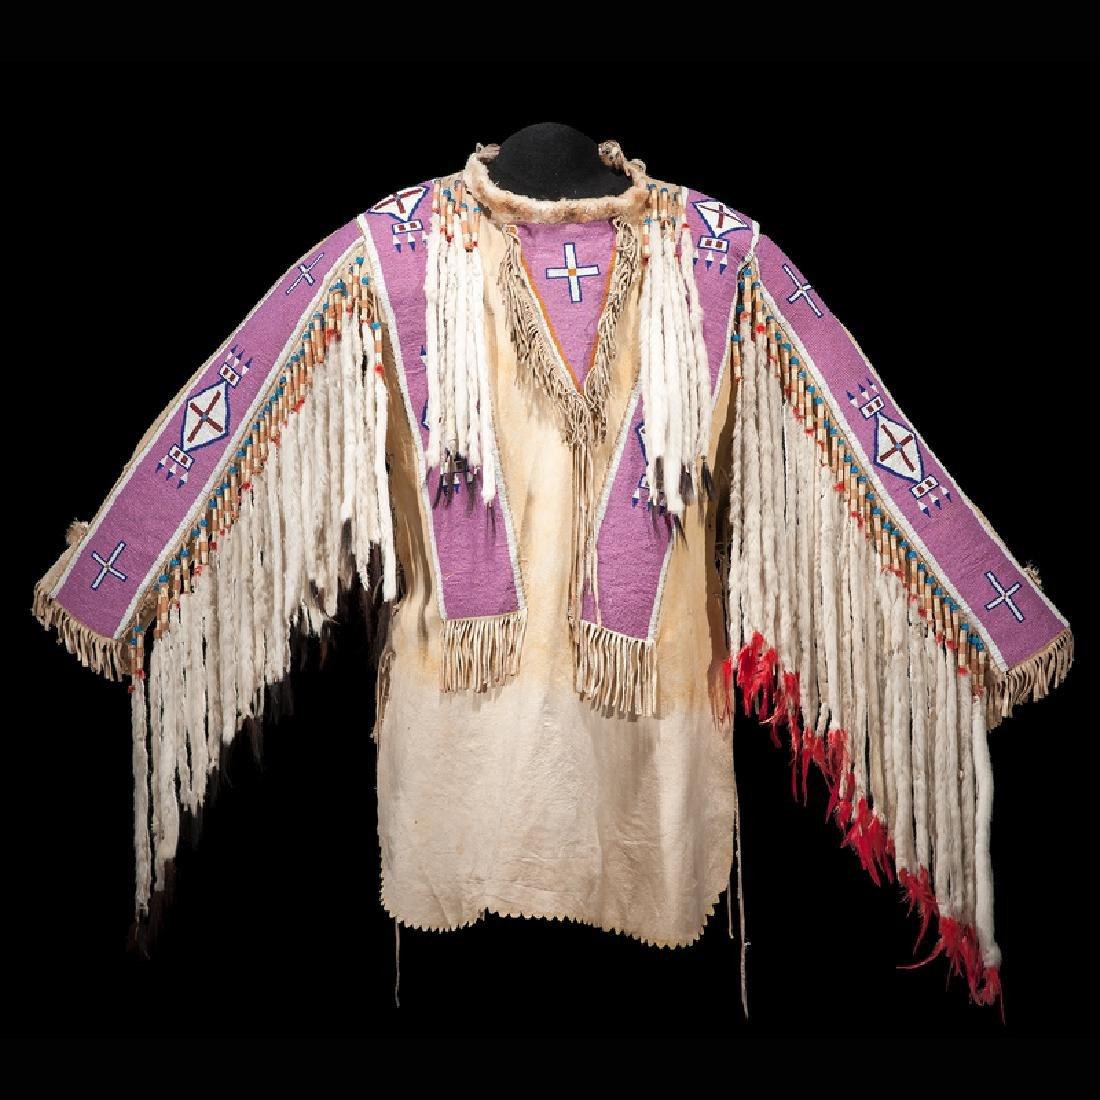 A'aninin (Gros Ventre) Beaded Hide War Shirt